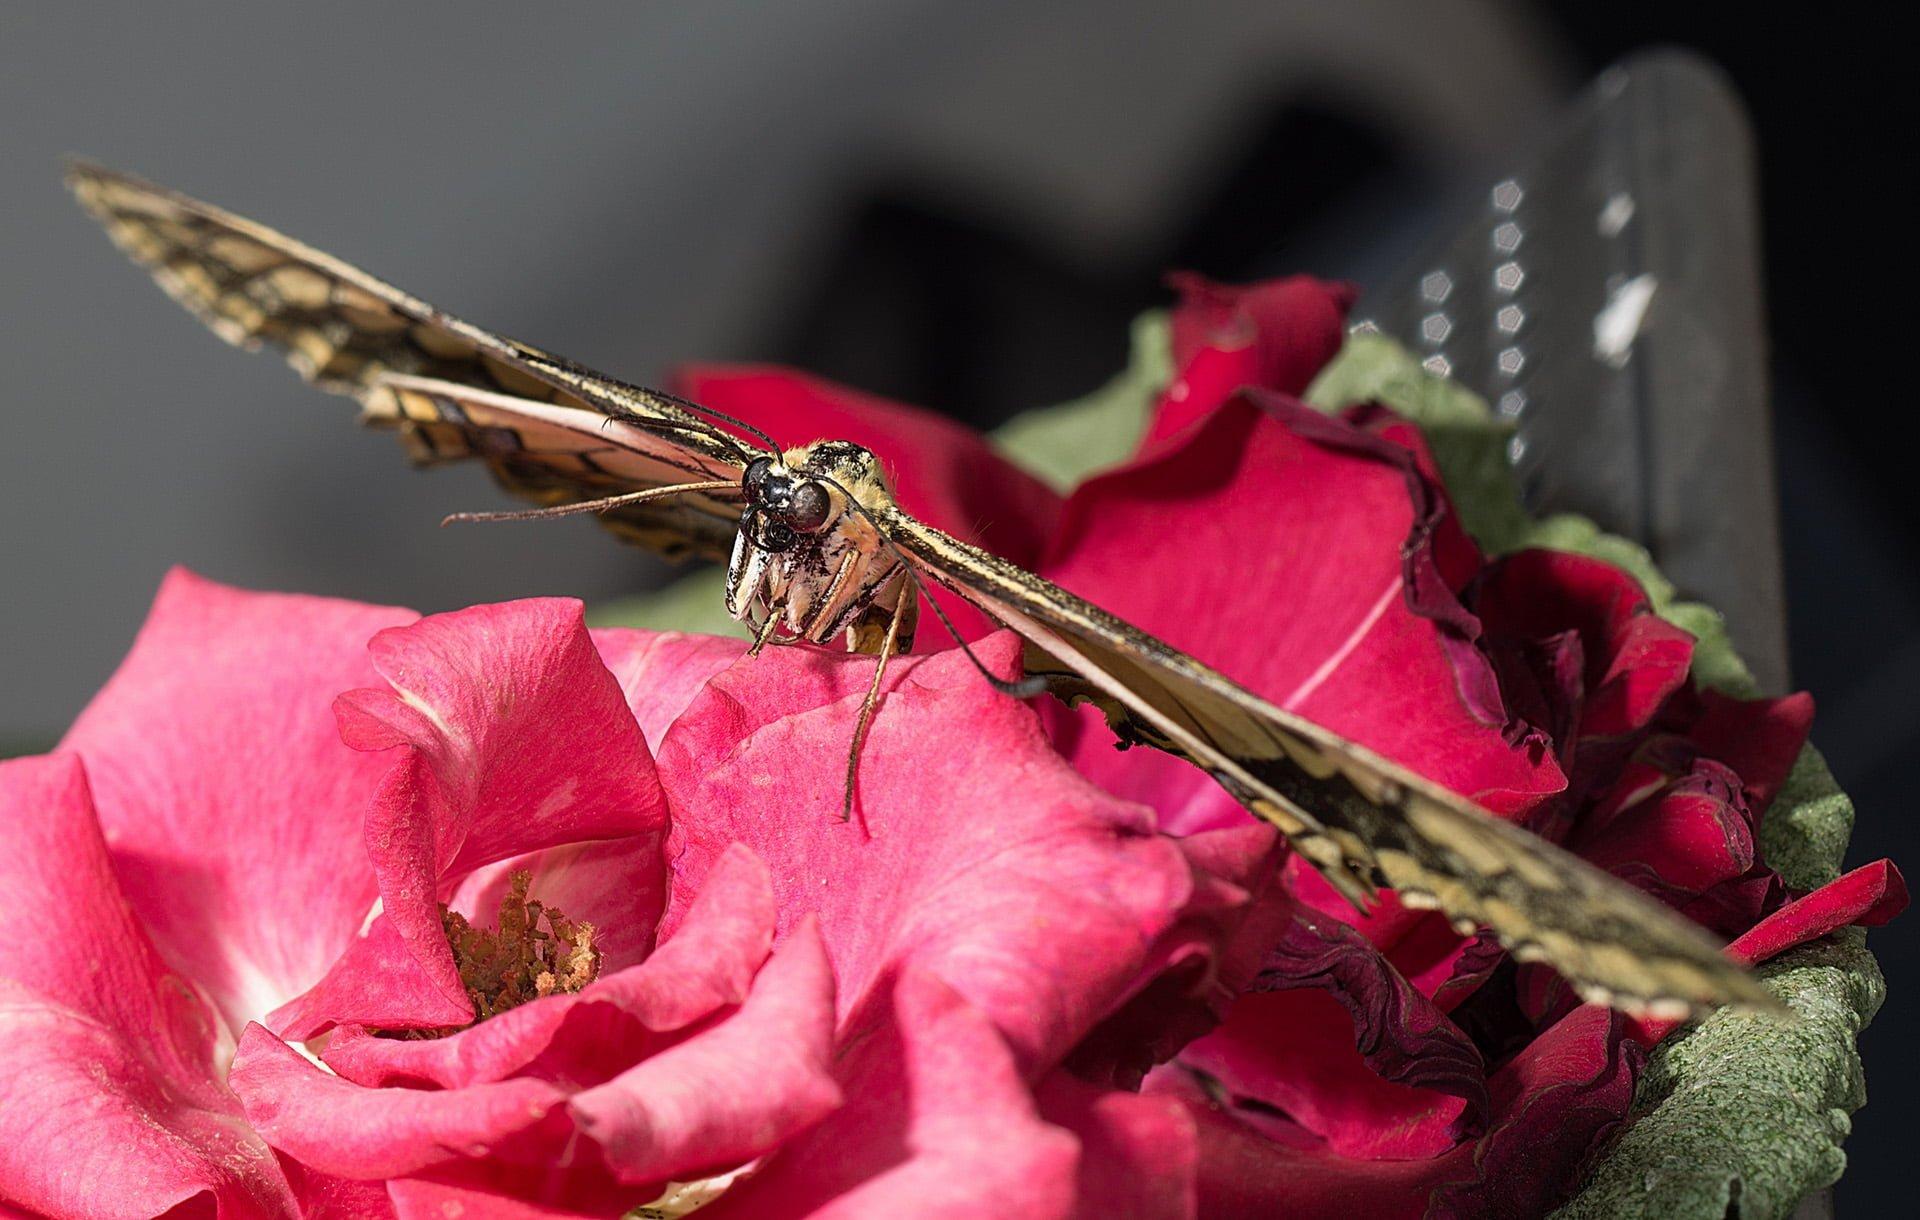 kelebek fotoğrafları – 2